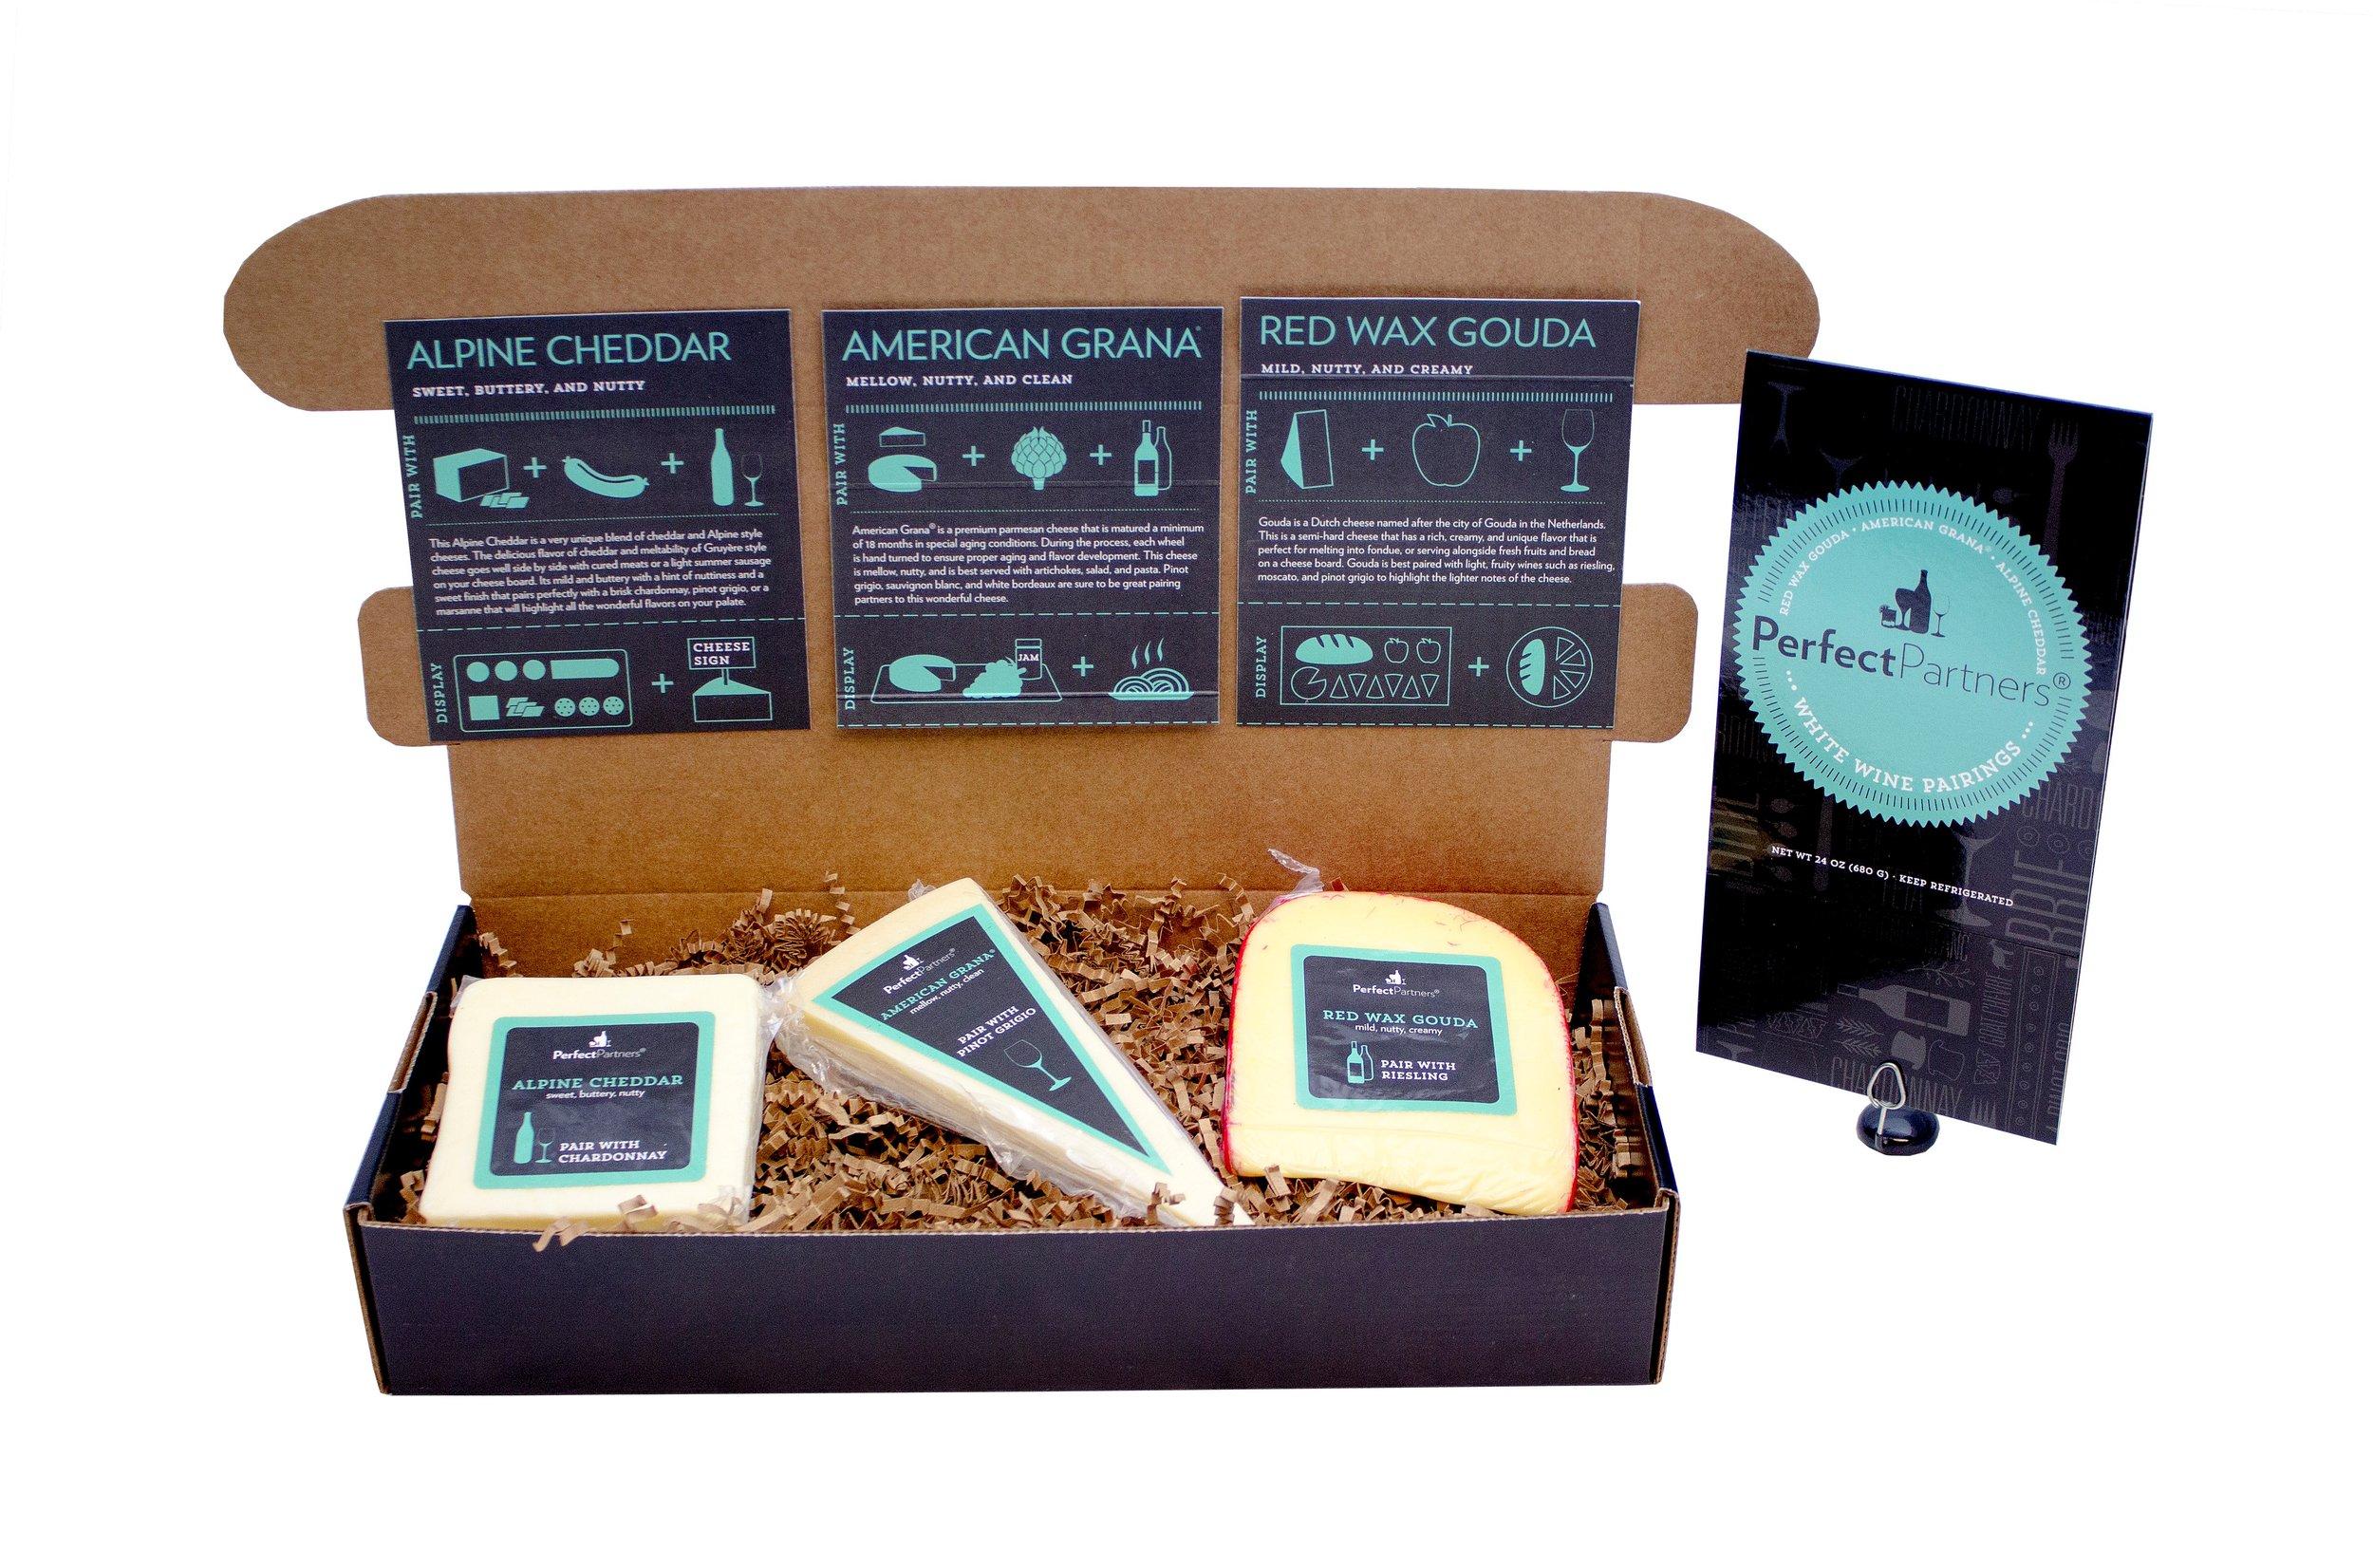 Cheese for White Wine Pairing Gift Box